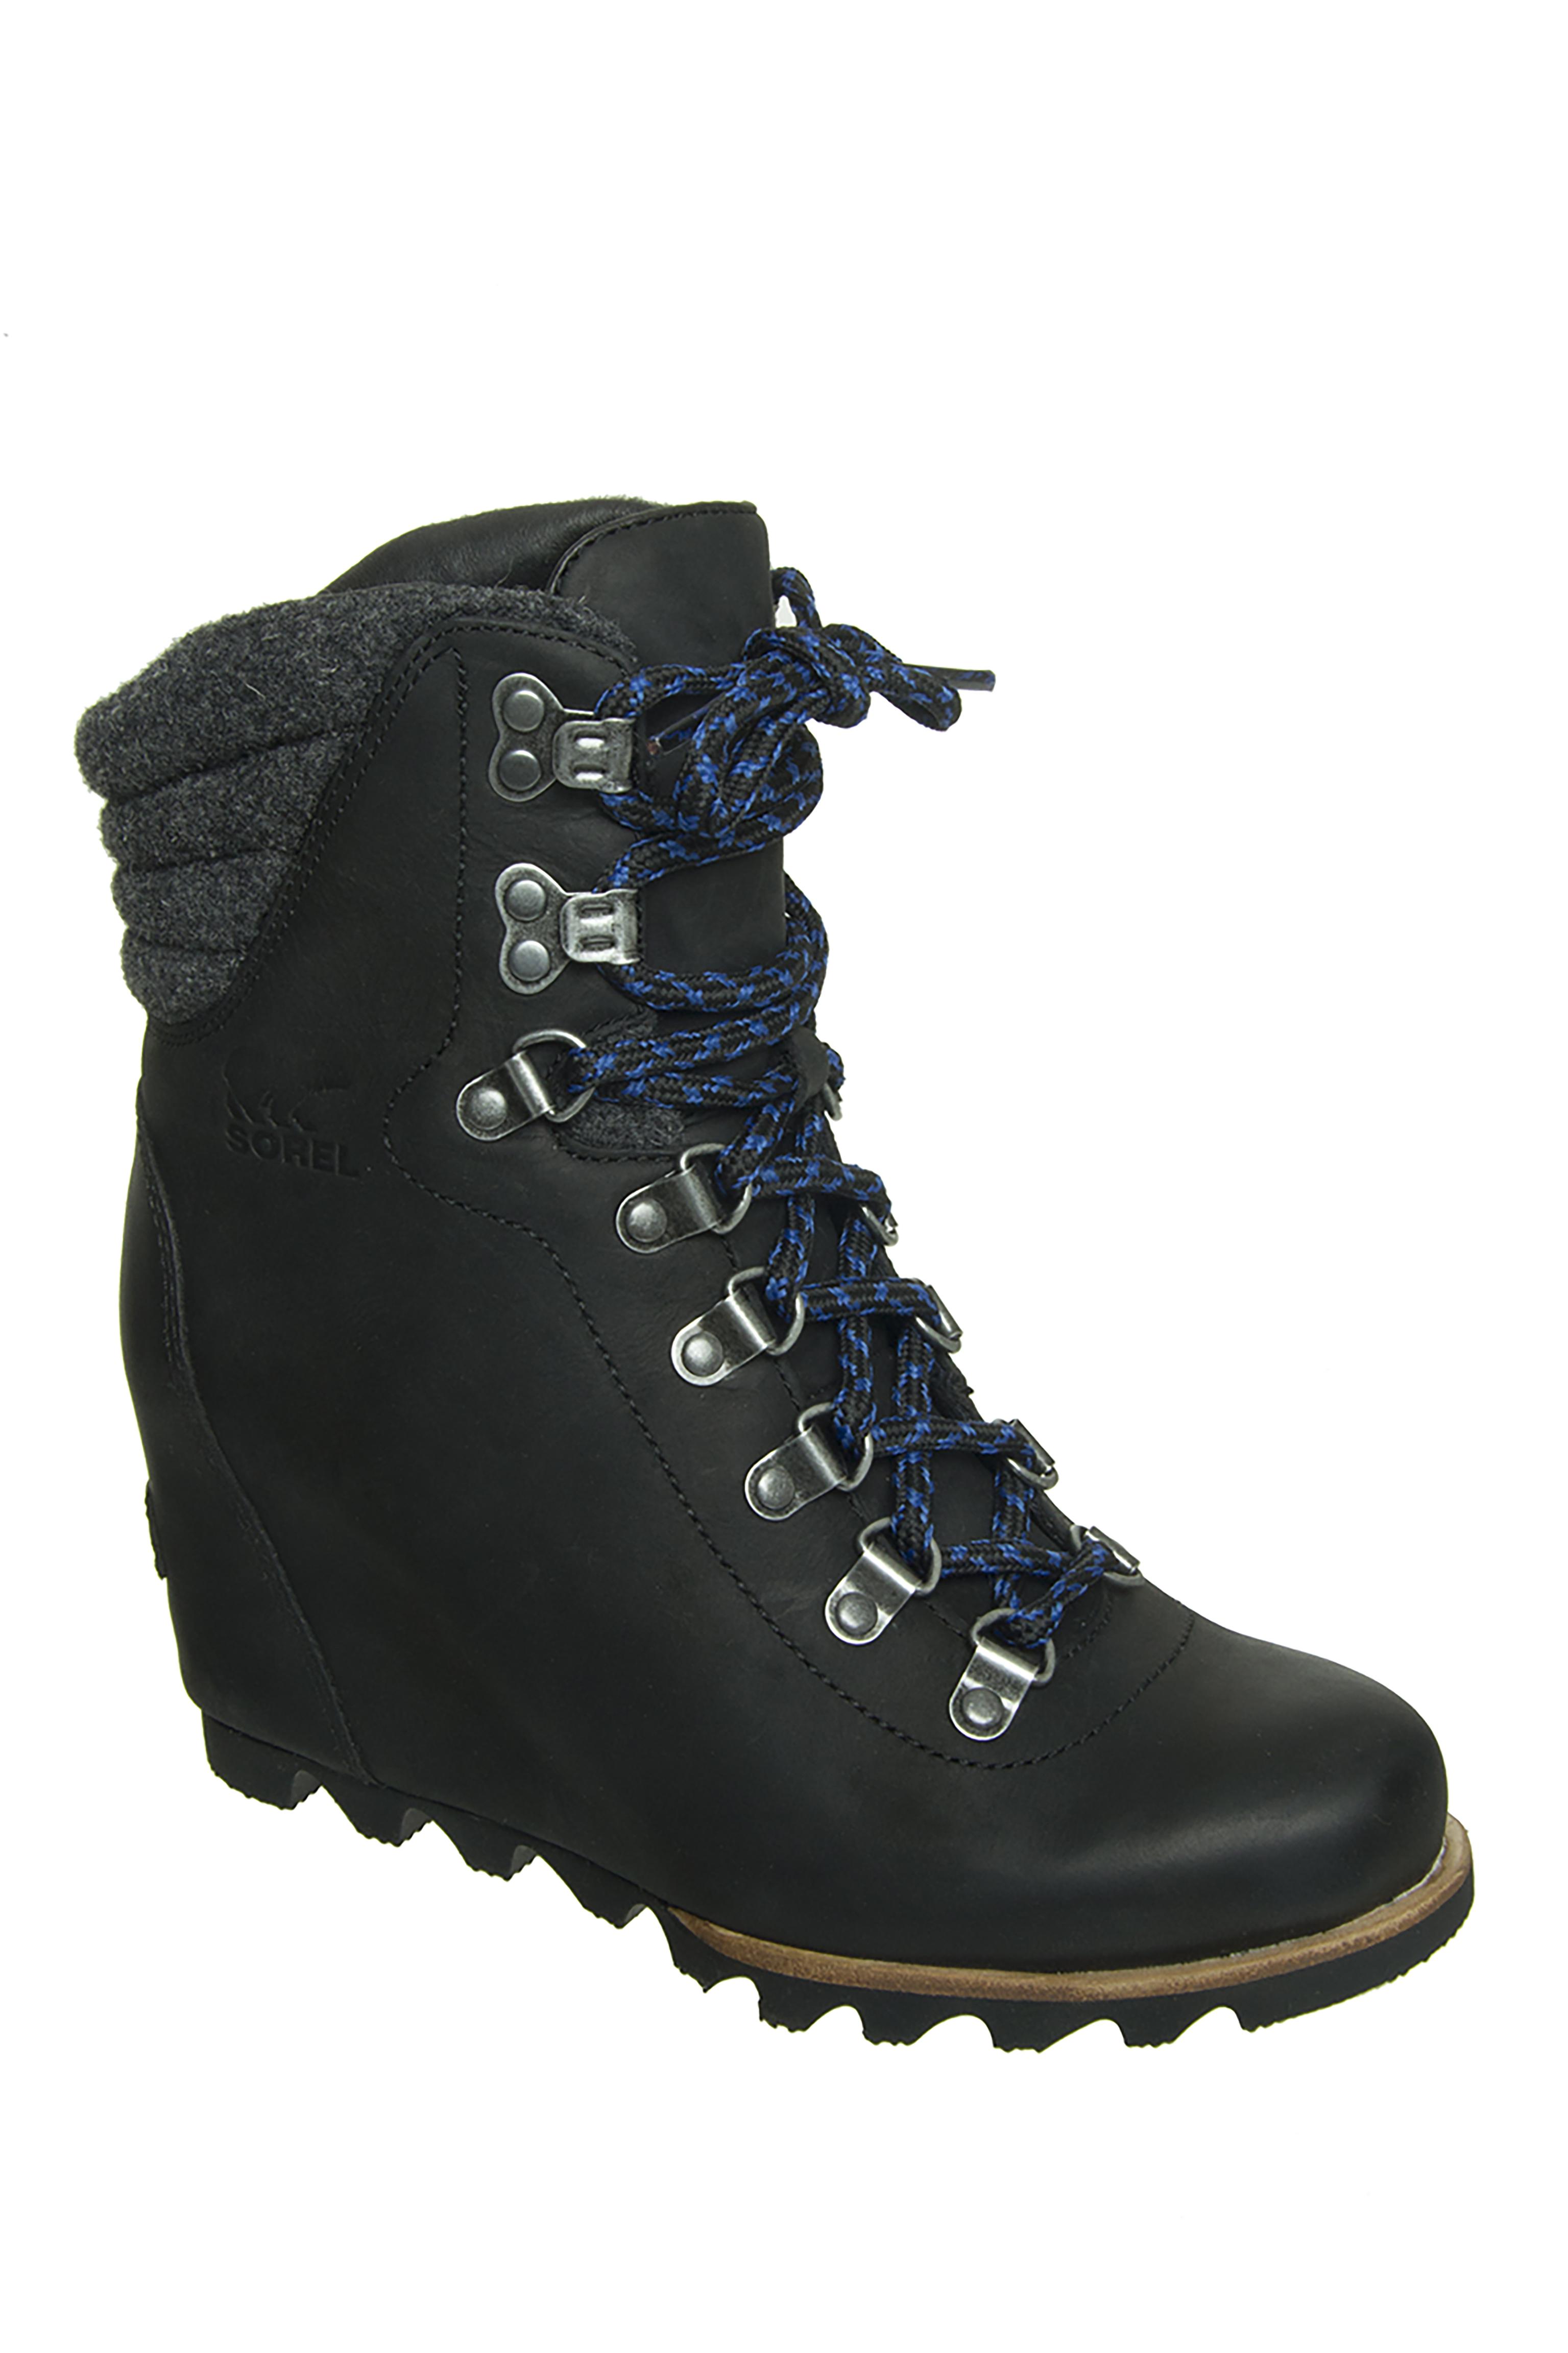 Sorel Conquest Wedge Rain Boots - Black